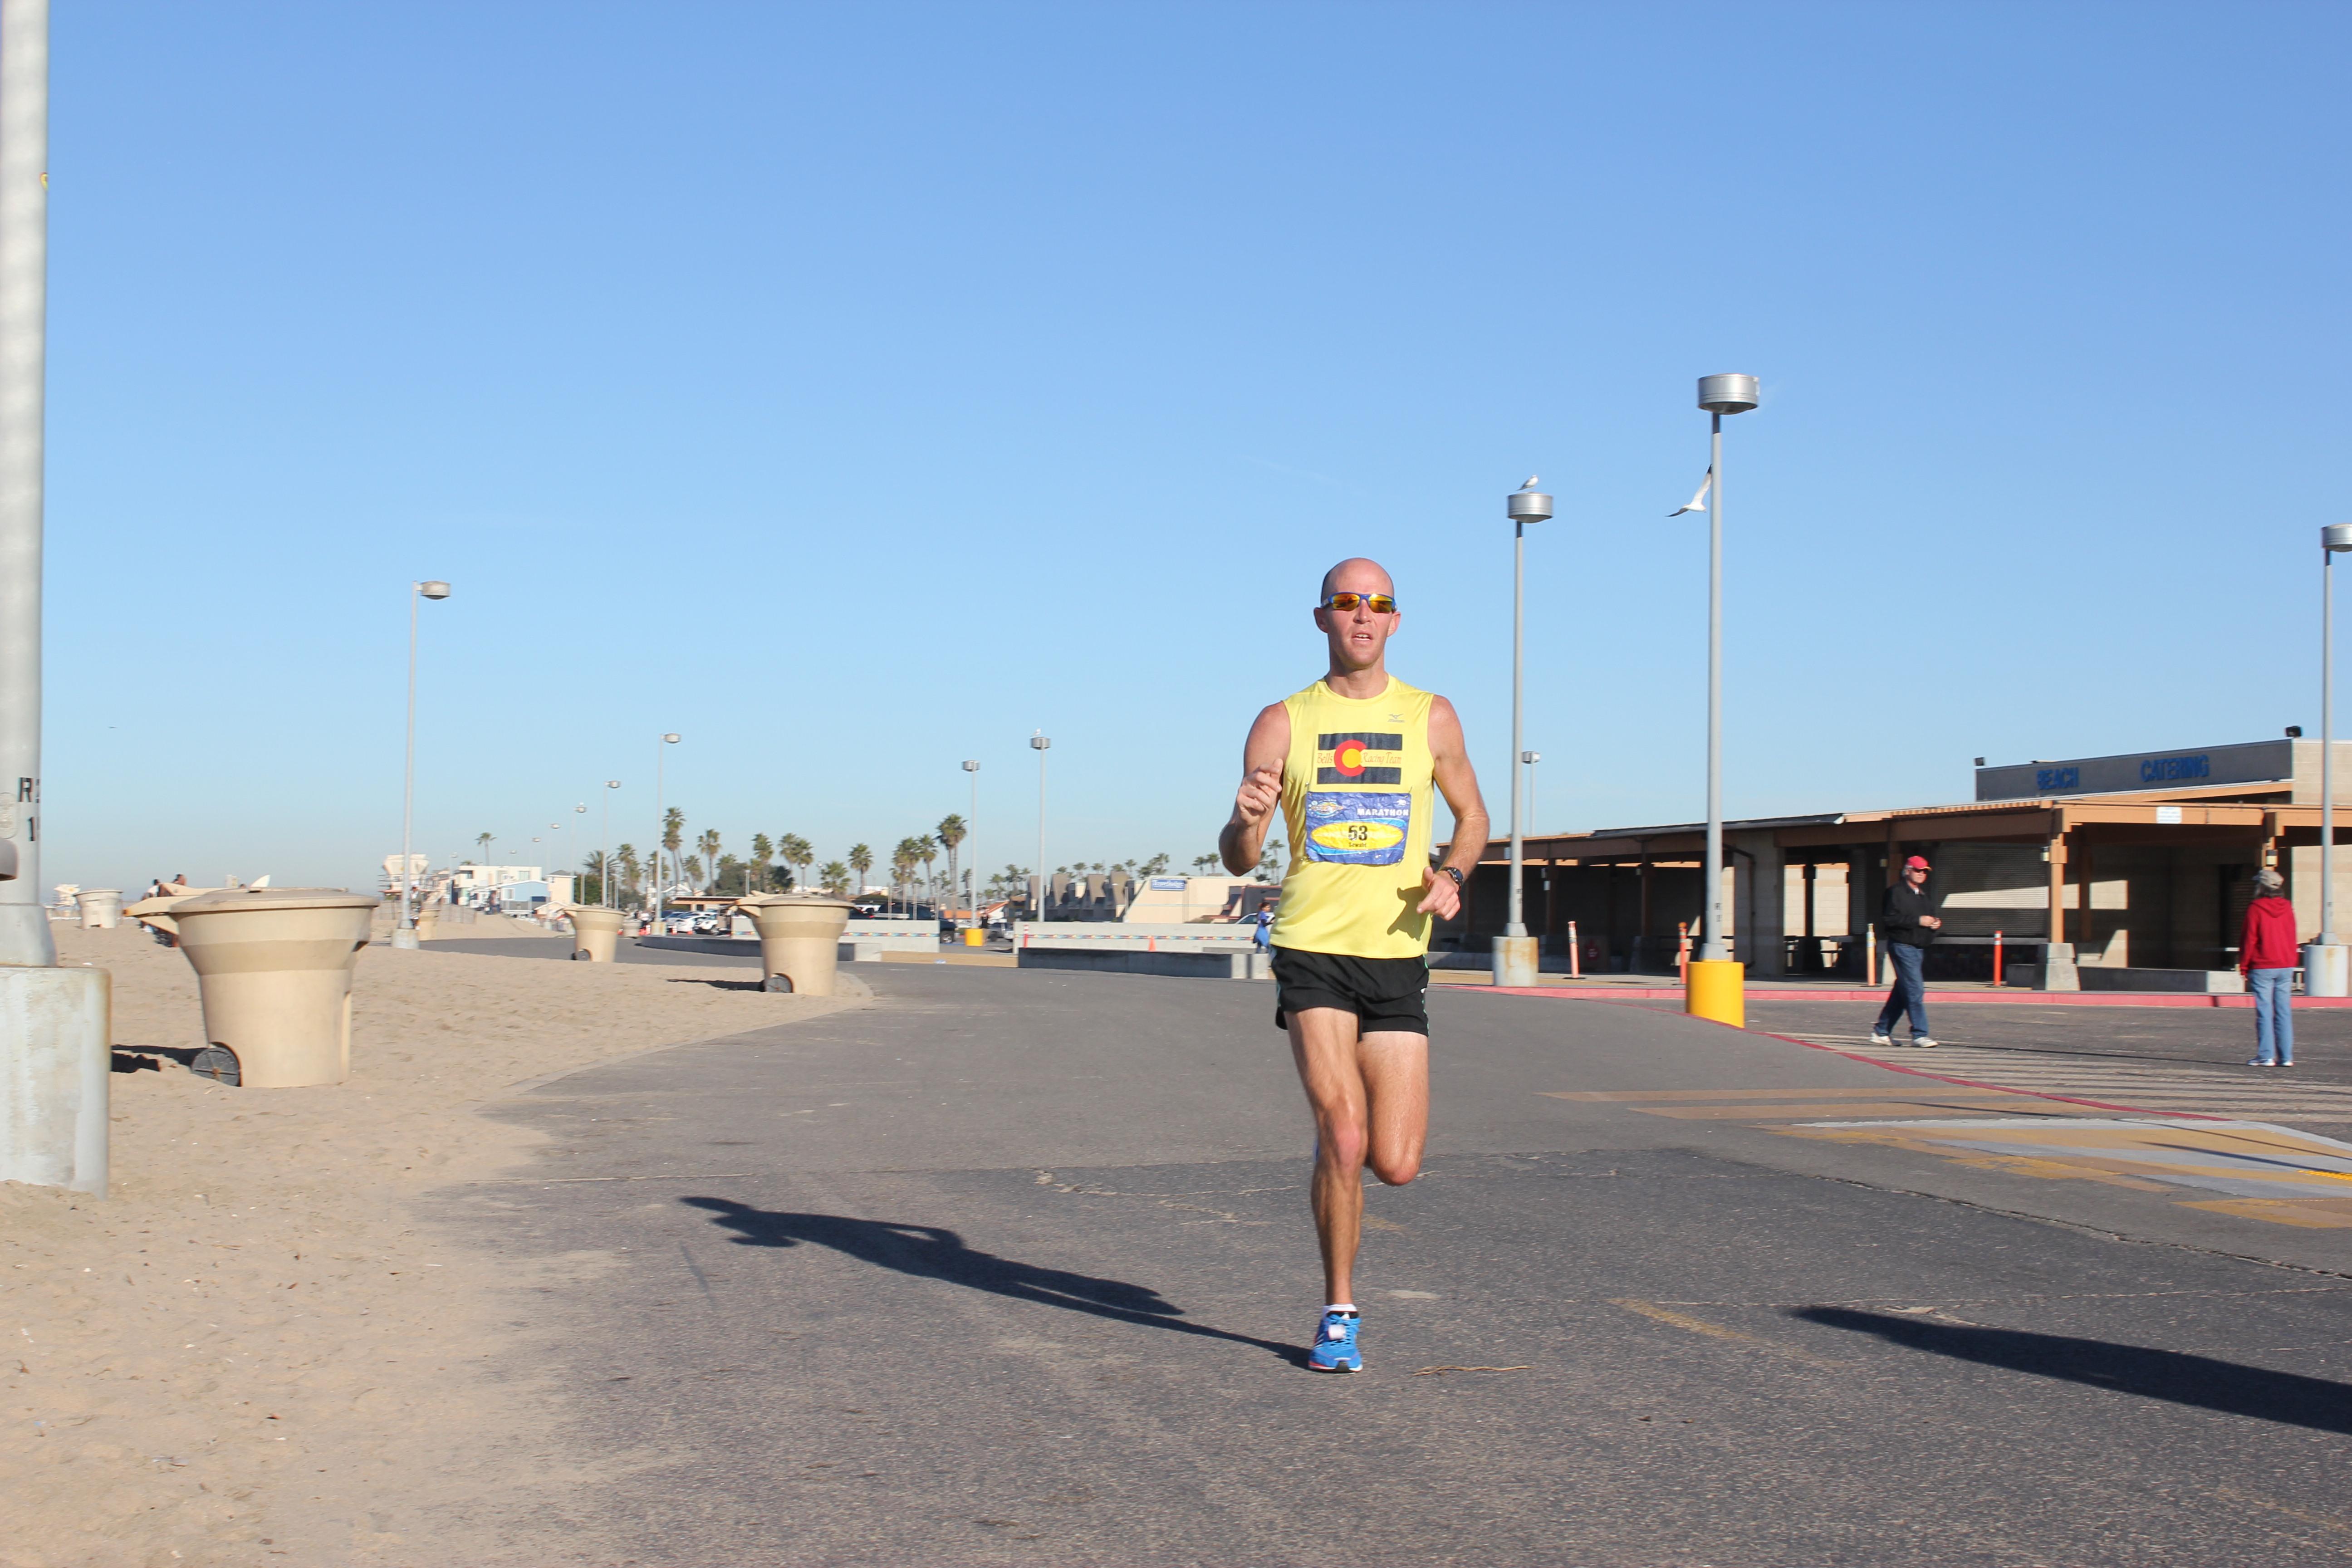 Lead Runner #53